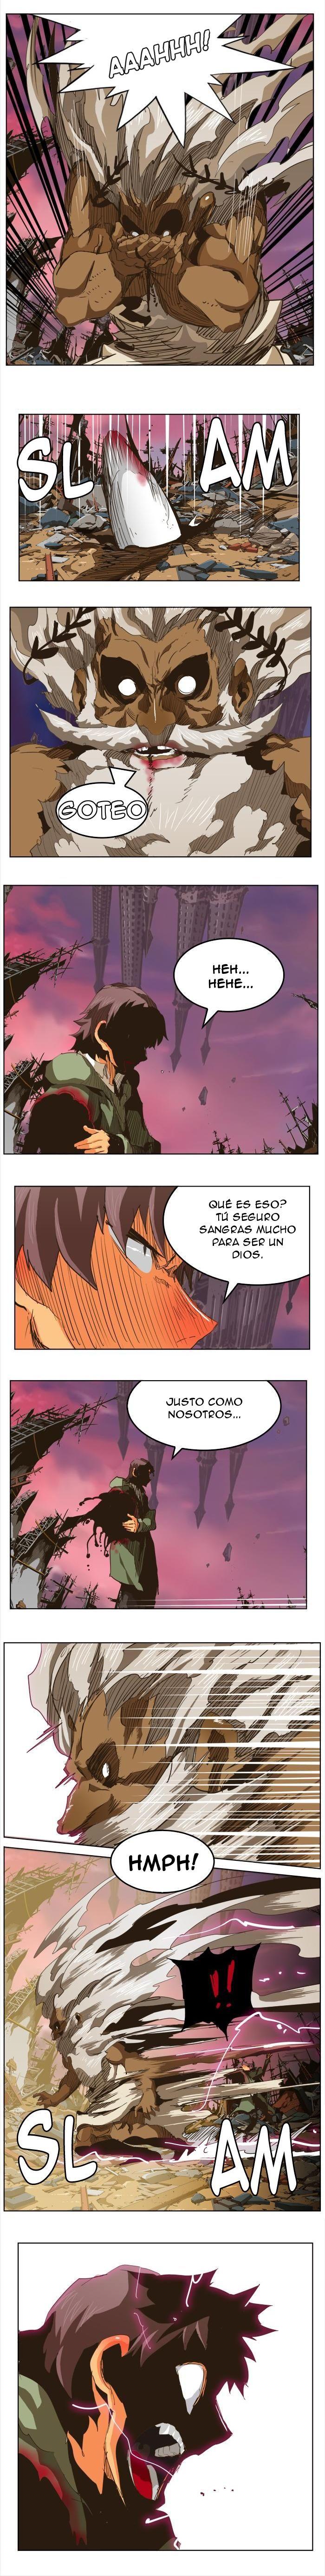 http://c5.ninemanga.com/es_manga/pic2/37/485/503973/8d9fd5db21fef20298b0a1b76ca29334.jpg Page 6